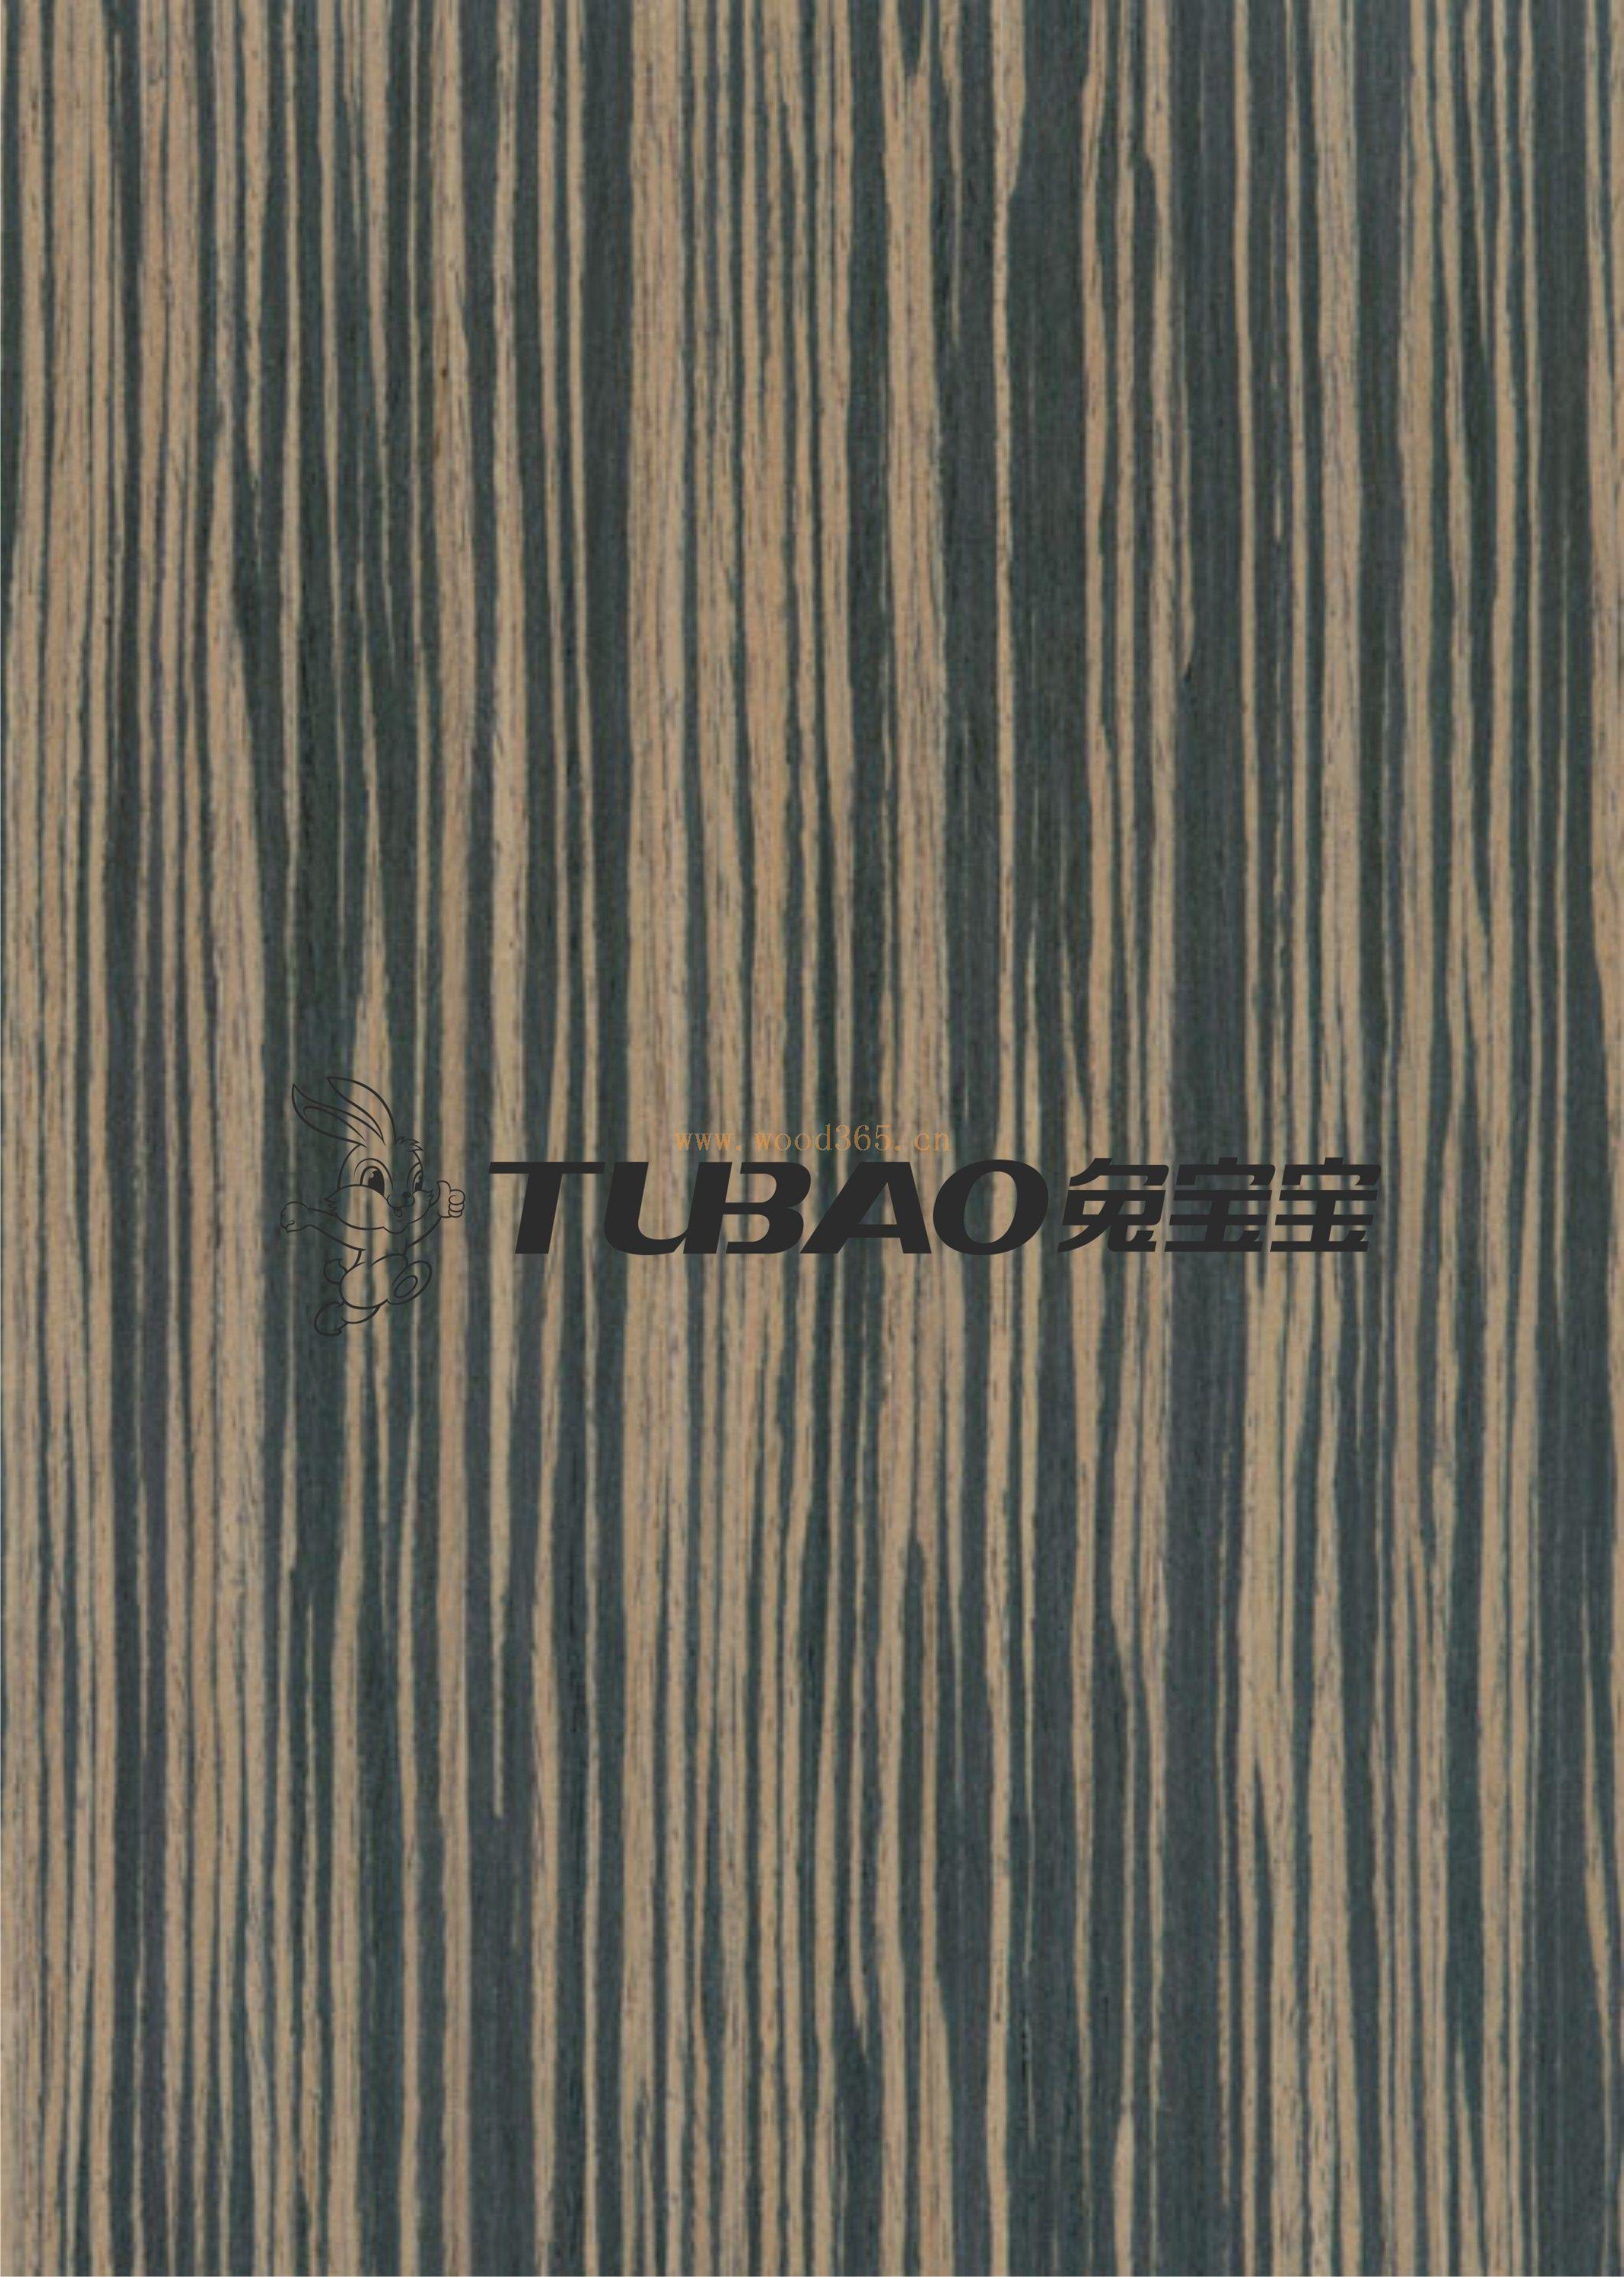 木皮的广泛应用 木皮有着优美的纹理,缤纷的色彩,以及树木在生长过程